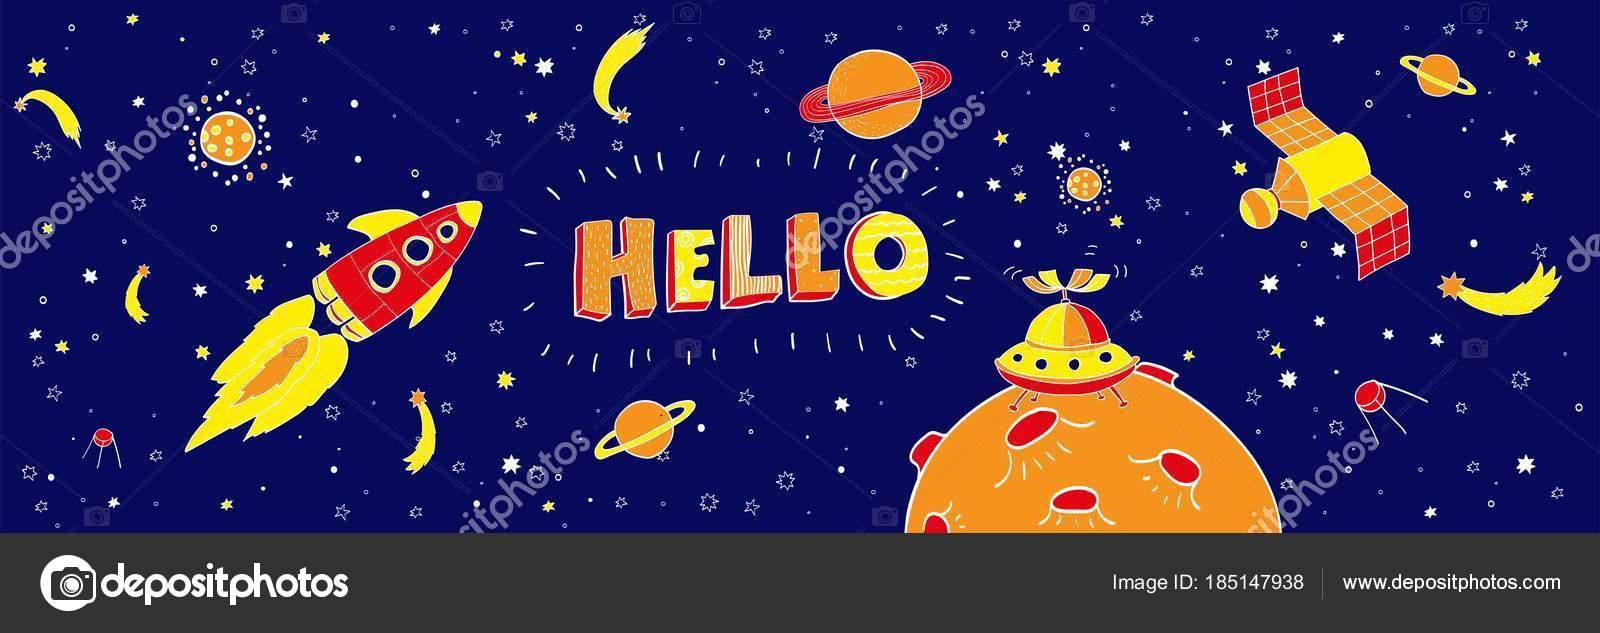 Kinderzimmer-Poster mit Hand gezeichneten Buchstaben Hallo ...